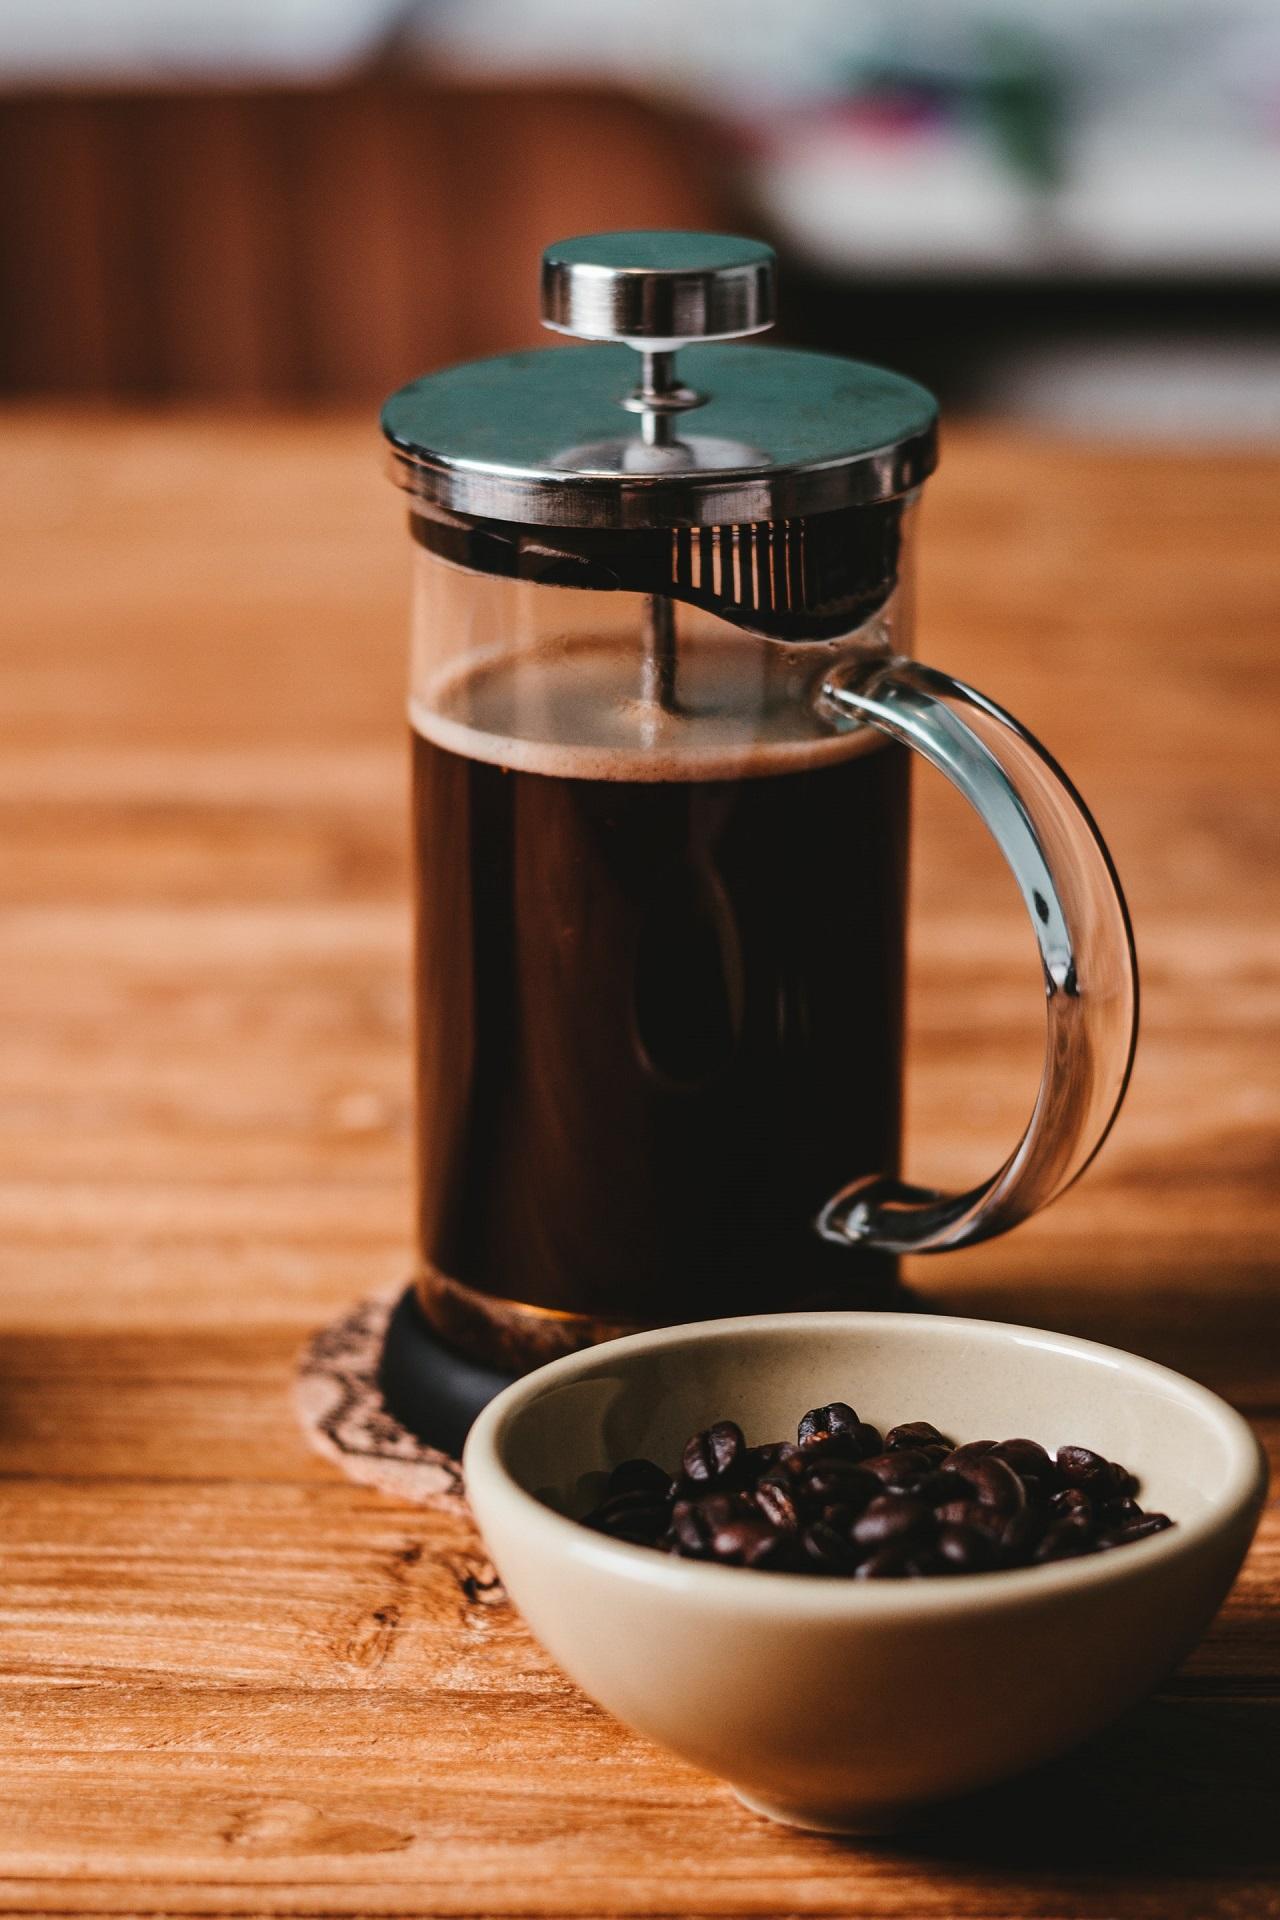 Der Aufbau eines French Press Kaffeebereiters ist simple.